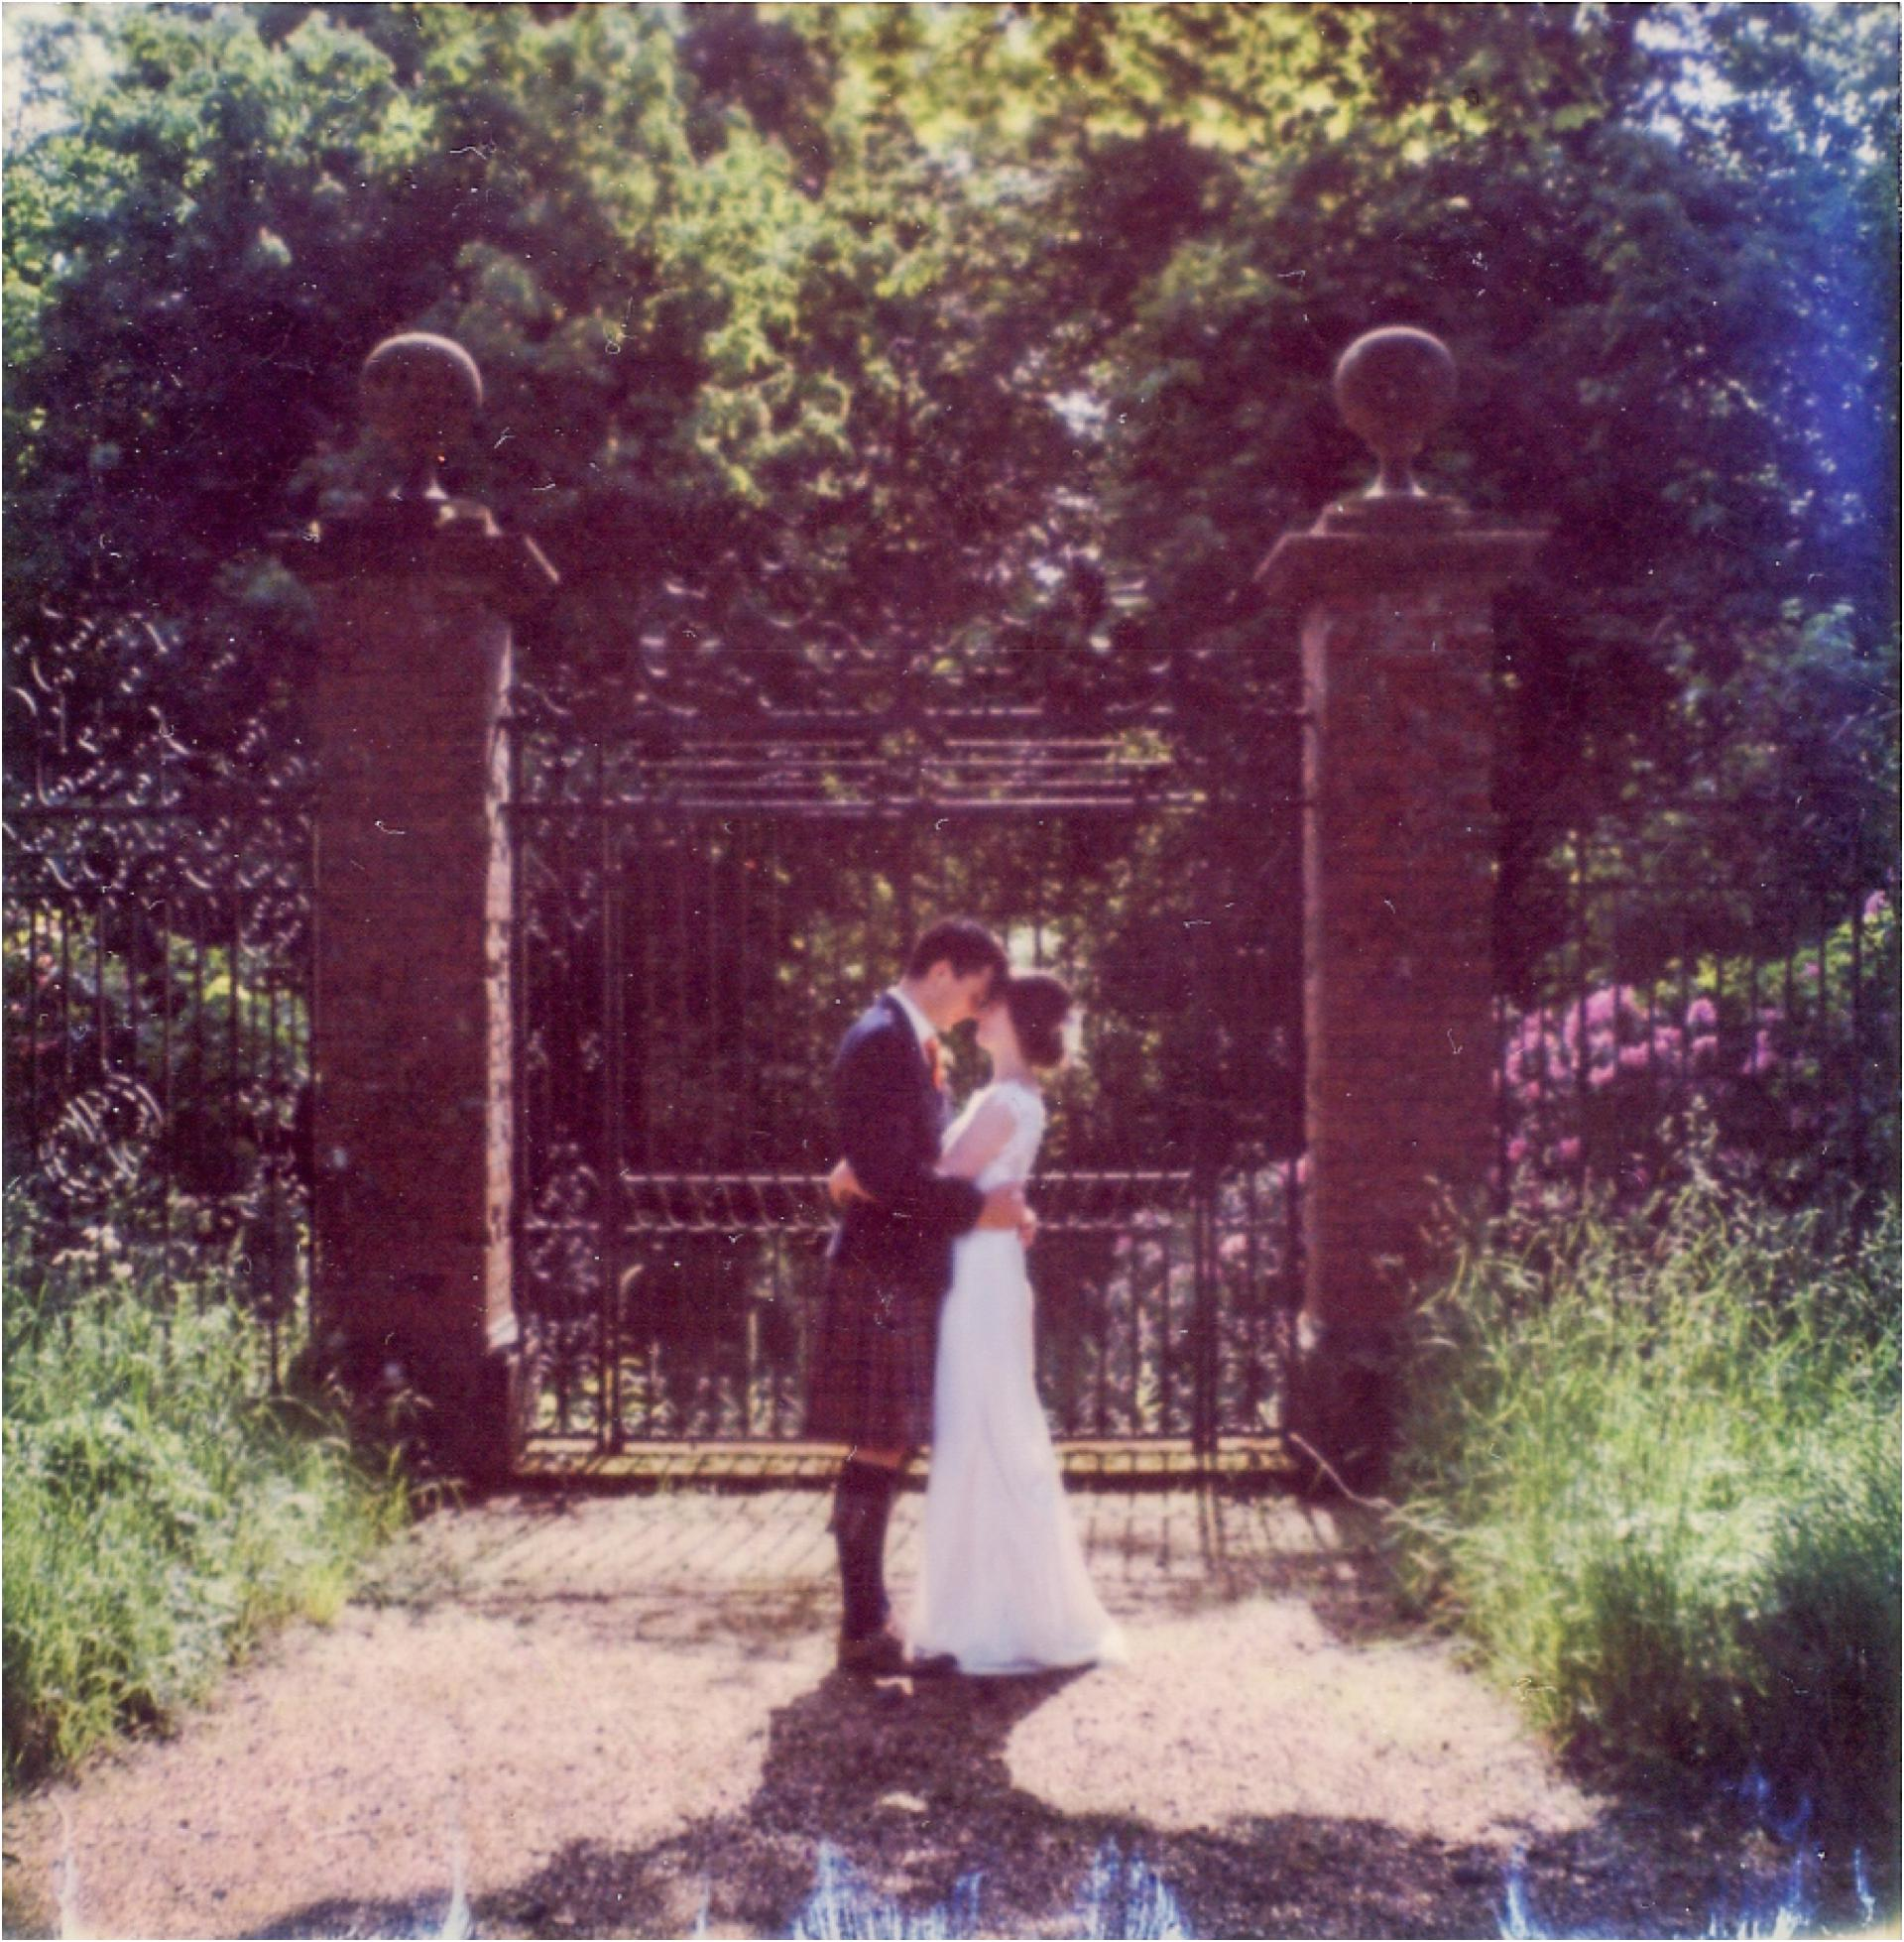 weddingsonfilmphotosbyzoe11